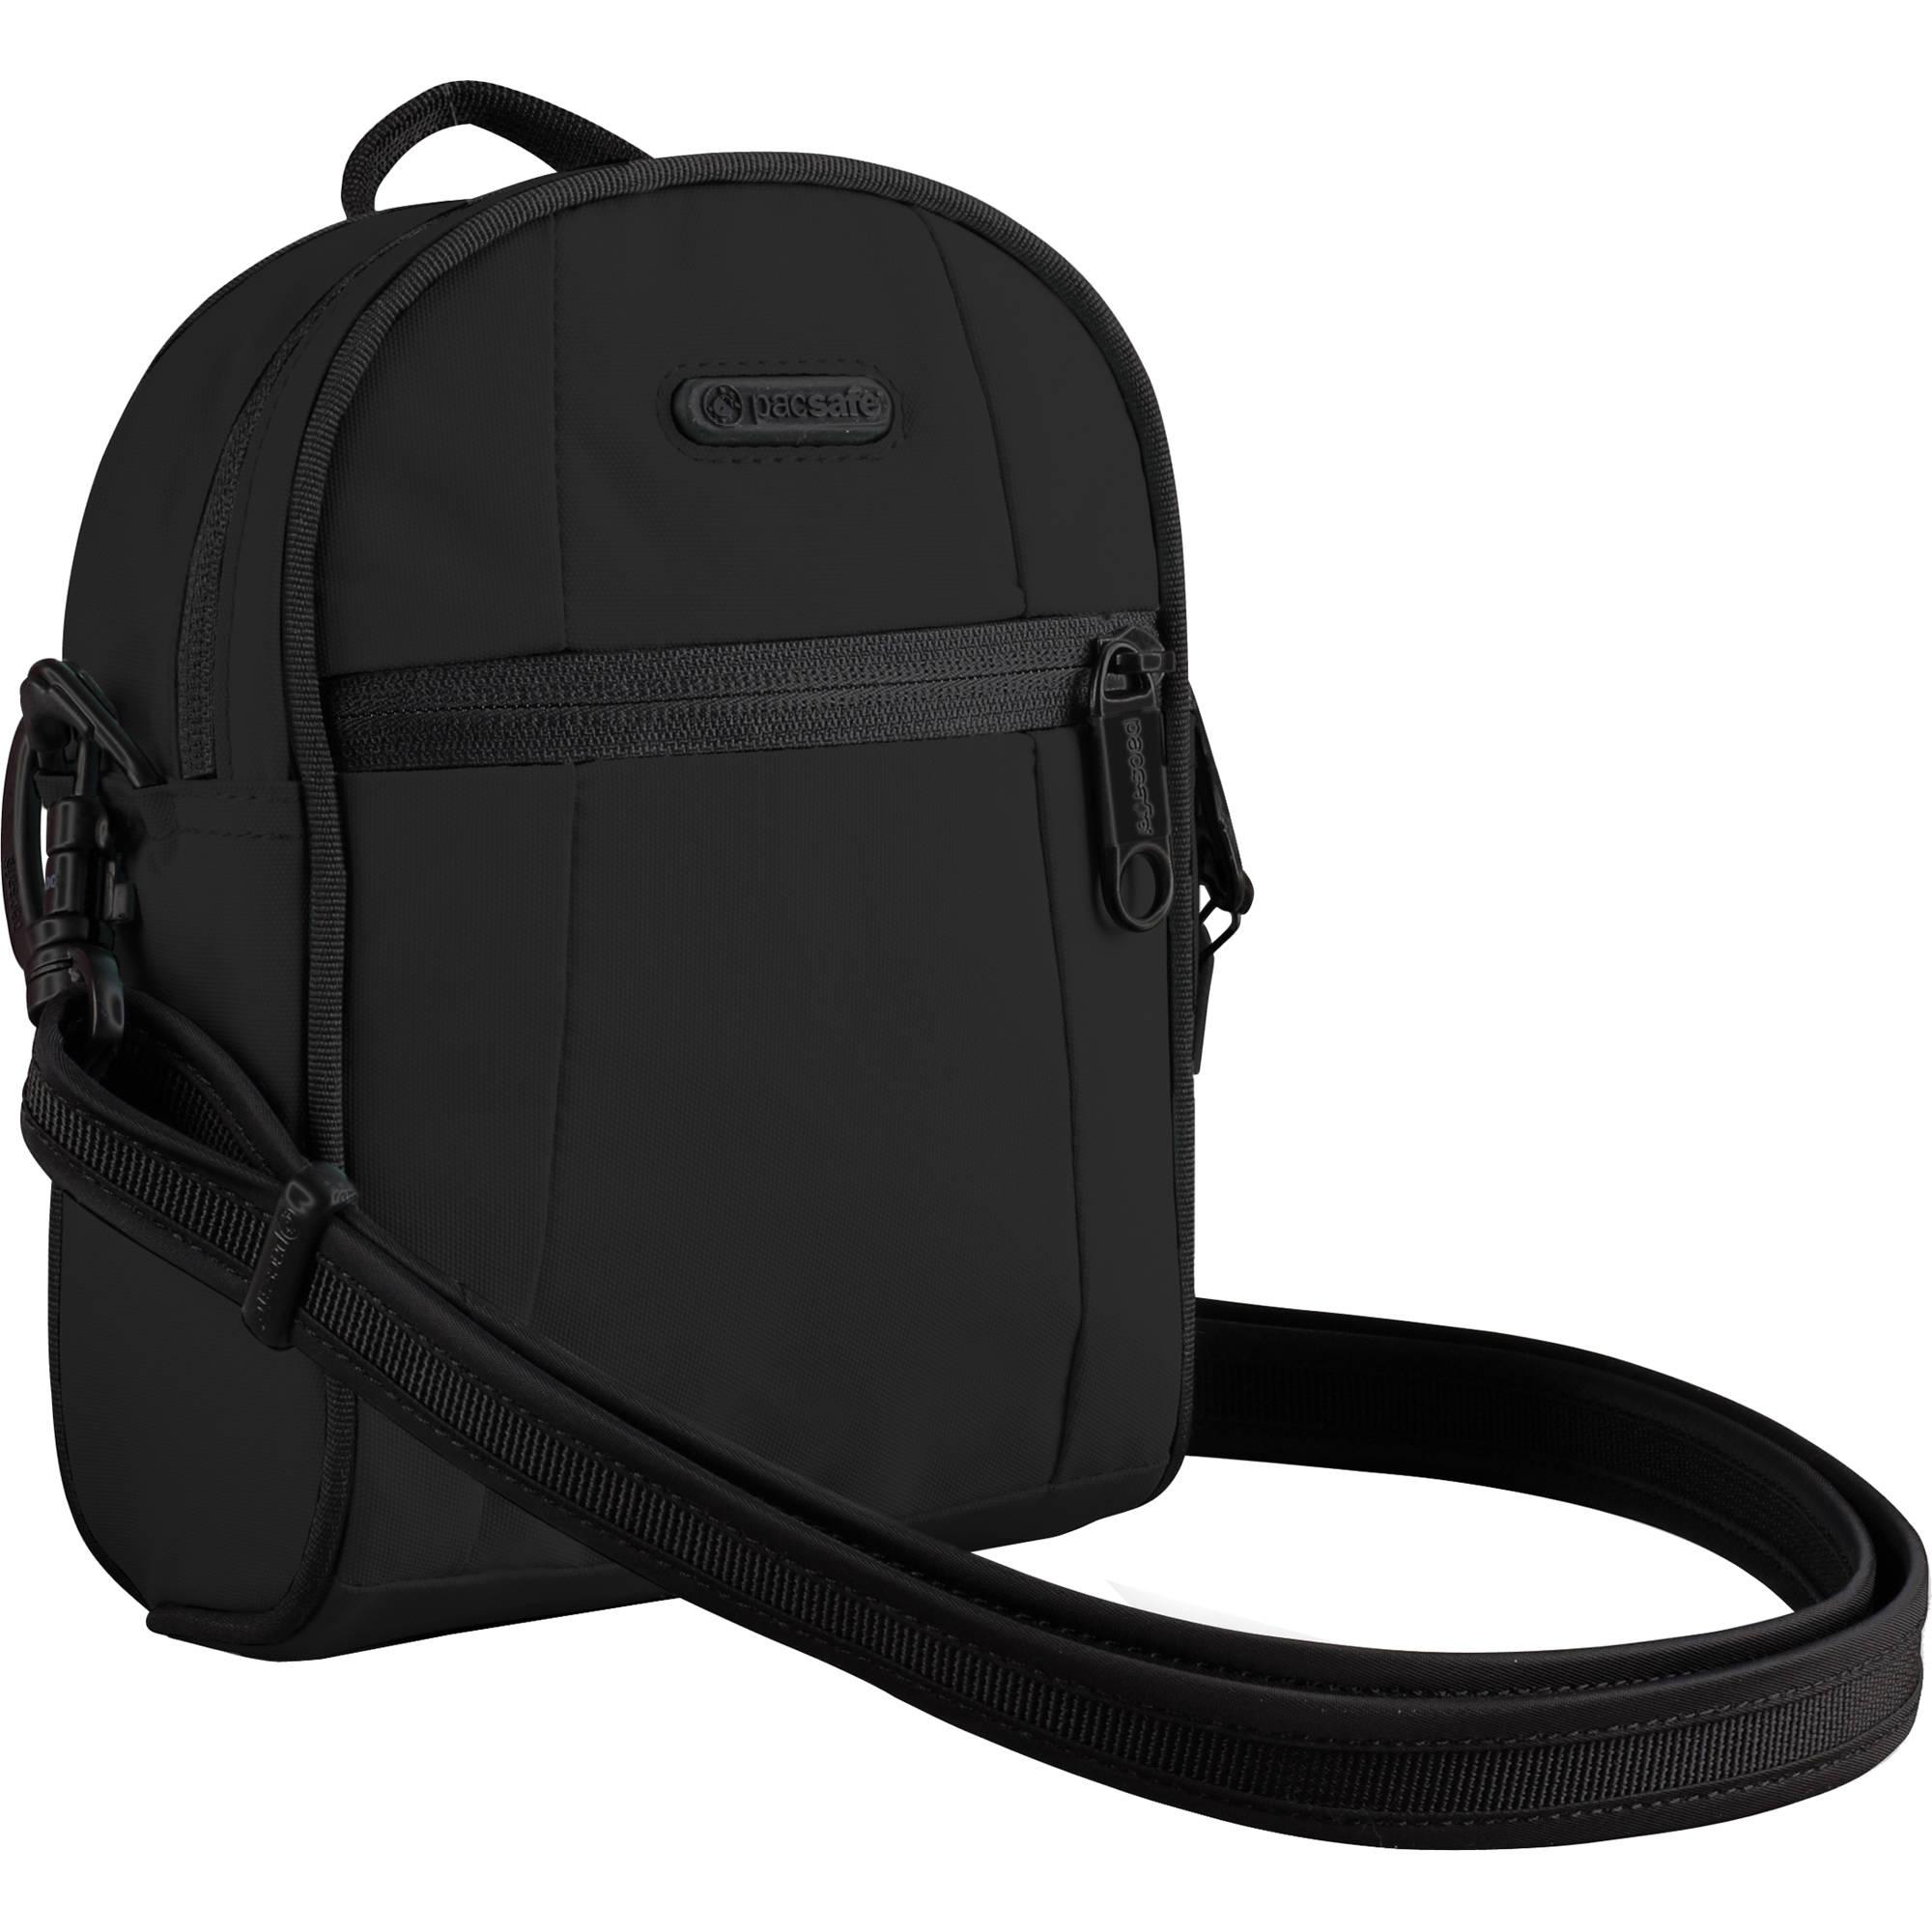 Pacsafe Metrosafe Shoulder Bag Black 13